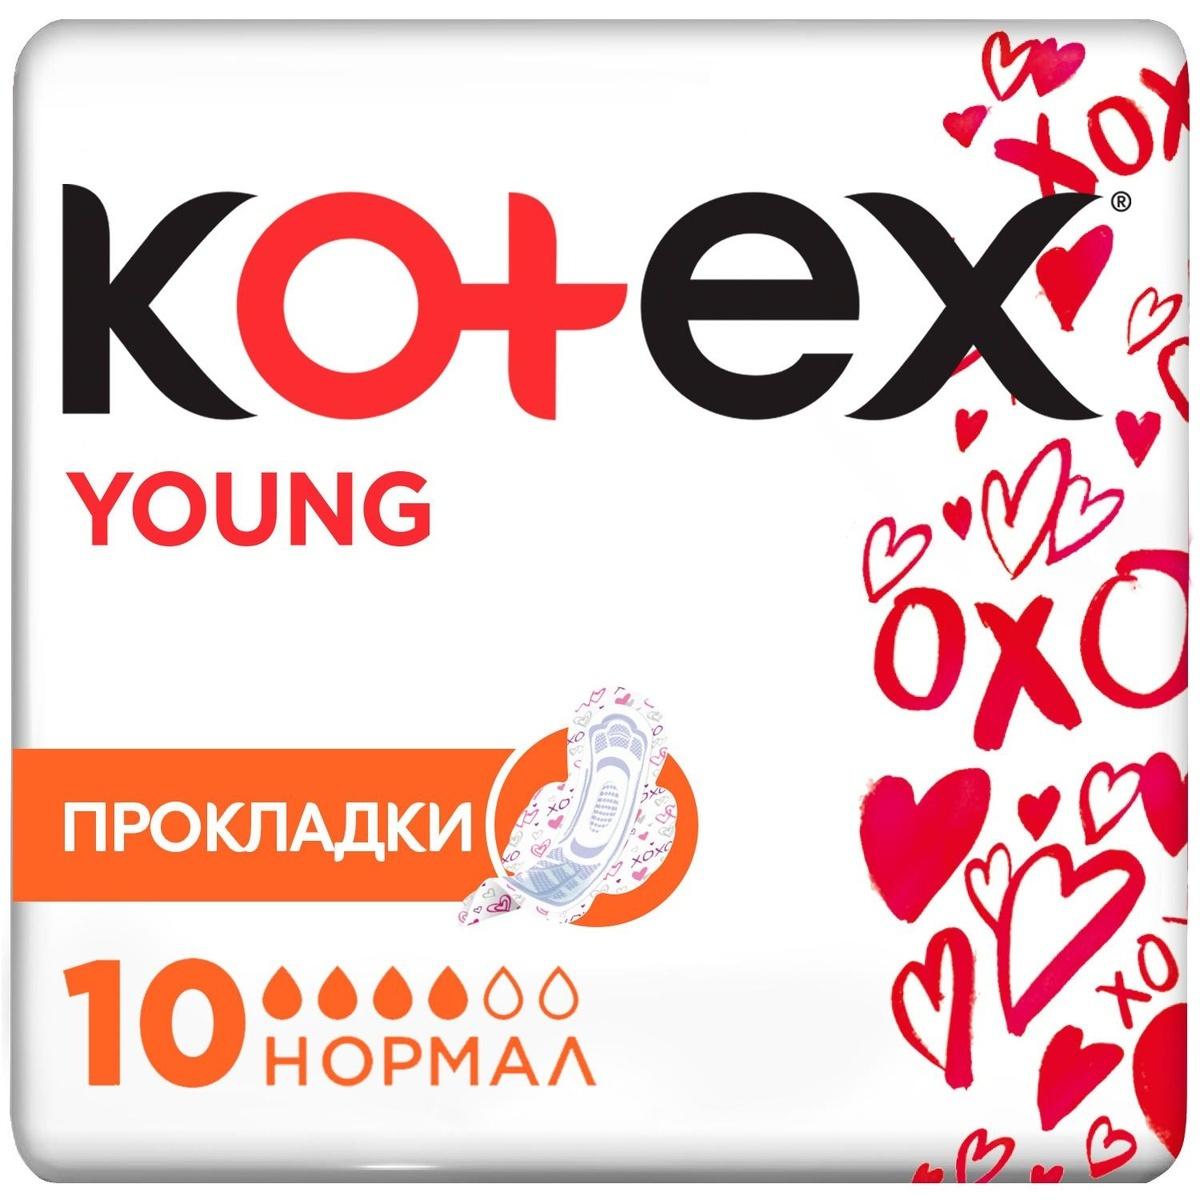 """Kotex Женские гигиенические прокладки с крылышками """"Young. Normal"""", 10 шт  #1"""